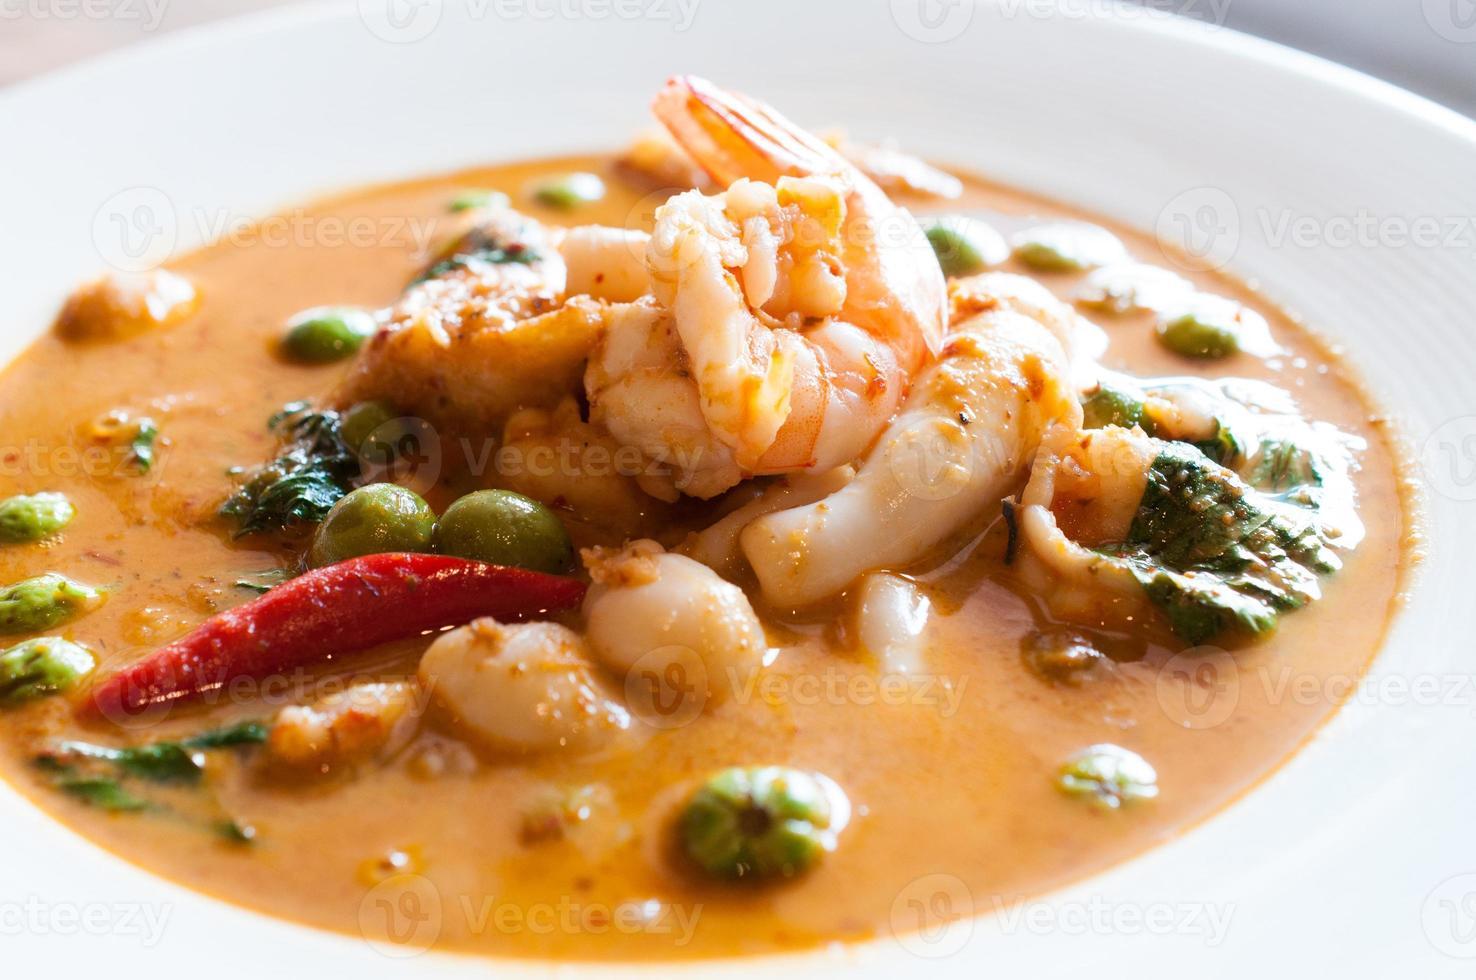 thailändisches Essen rotes Curry Panang, Meeresfrüchte foto